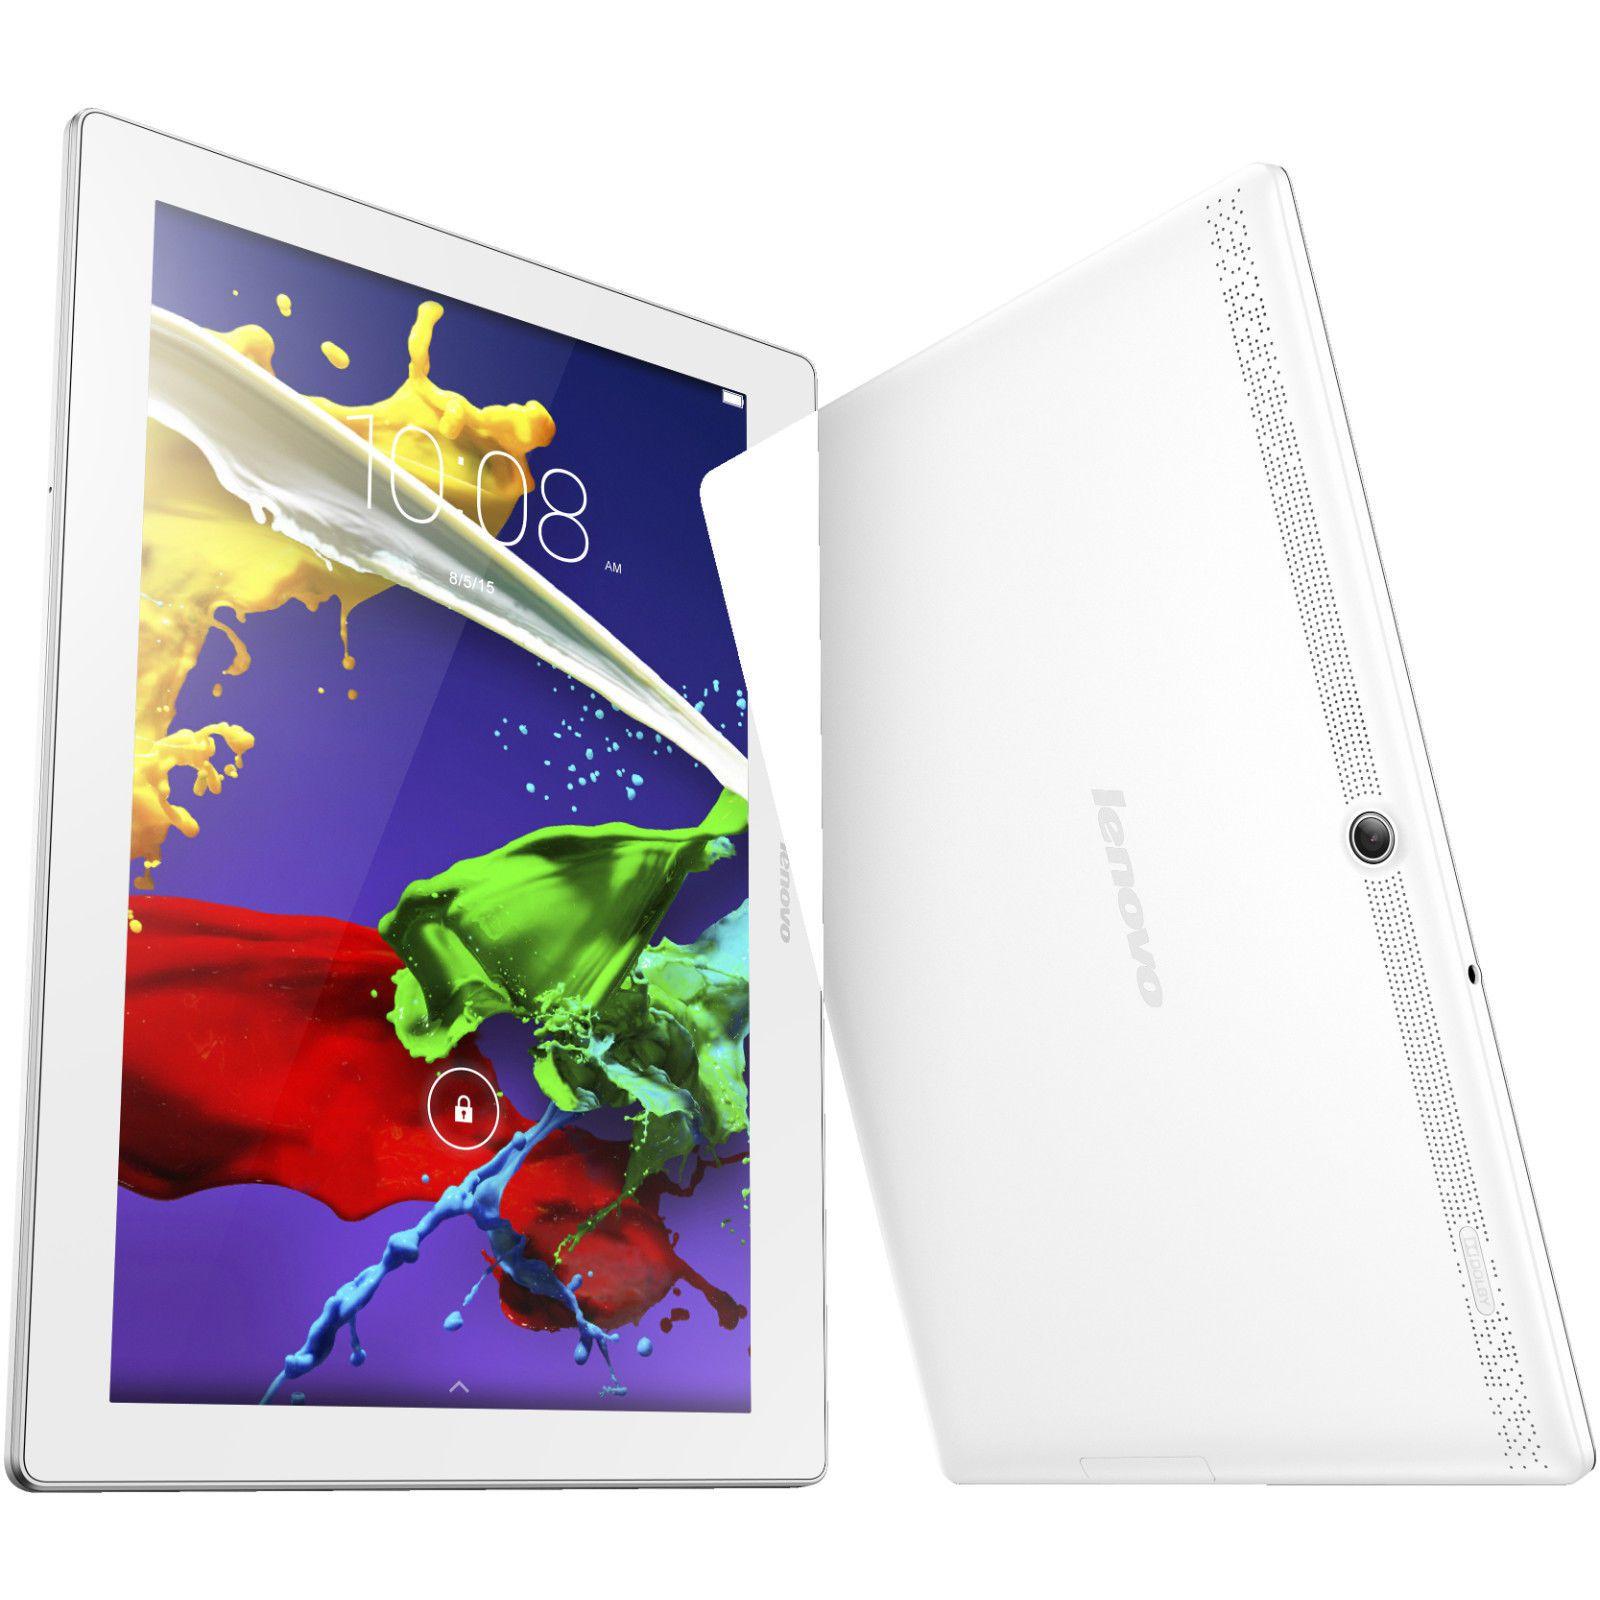 Lenovo TAB 2 A10 70   10,1 Zoll FHD IPS Multimedia Tablet für 99€ (statt 189€)